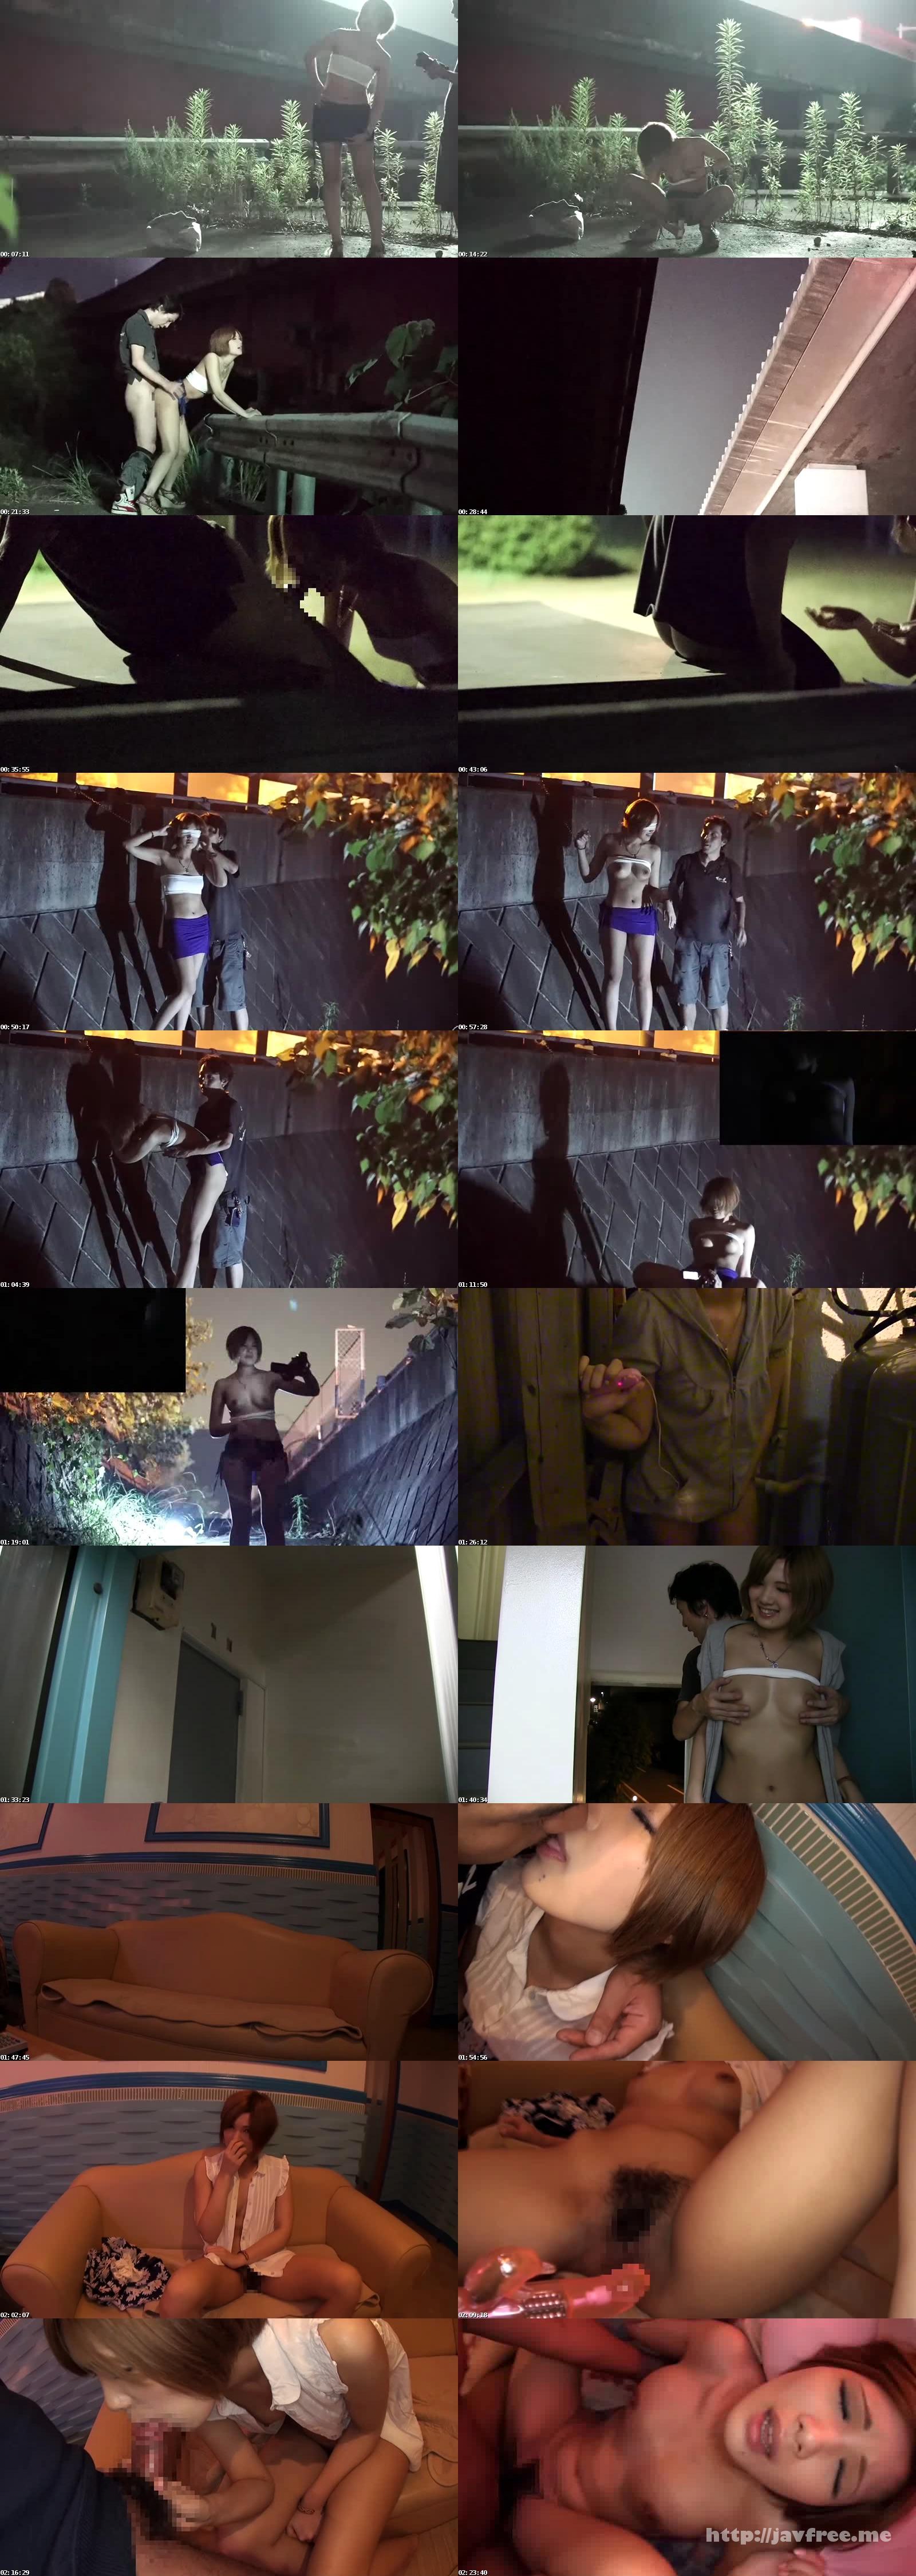 [SEXY 044] ガチ露出 変態交尾 素人変態女連れ回し露出調教 SEXY